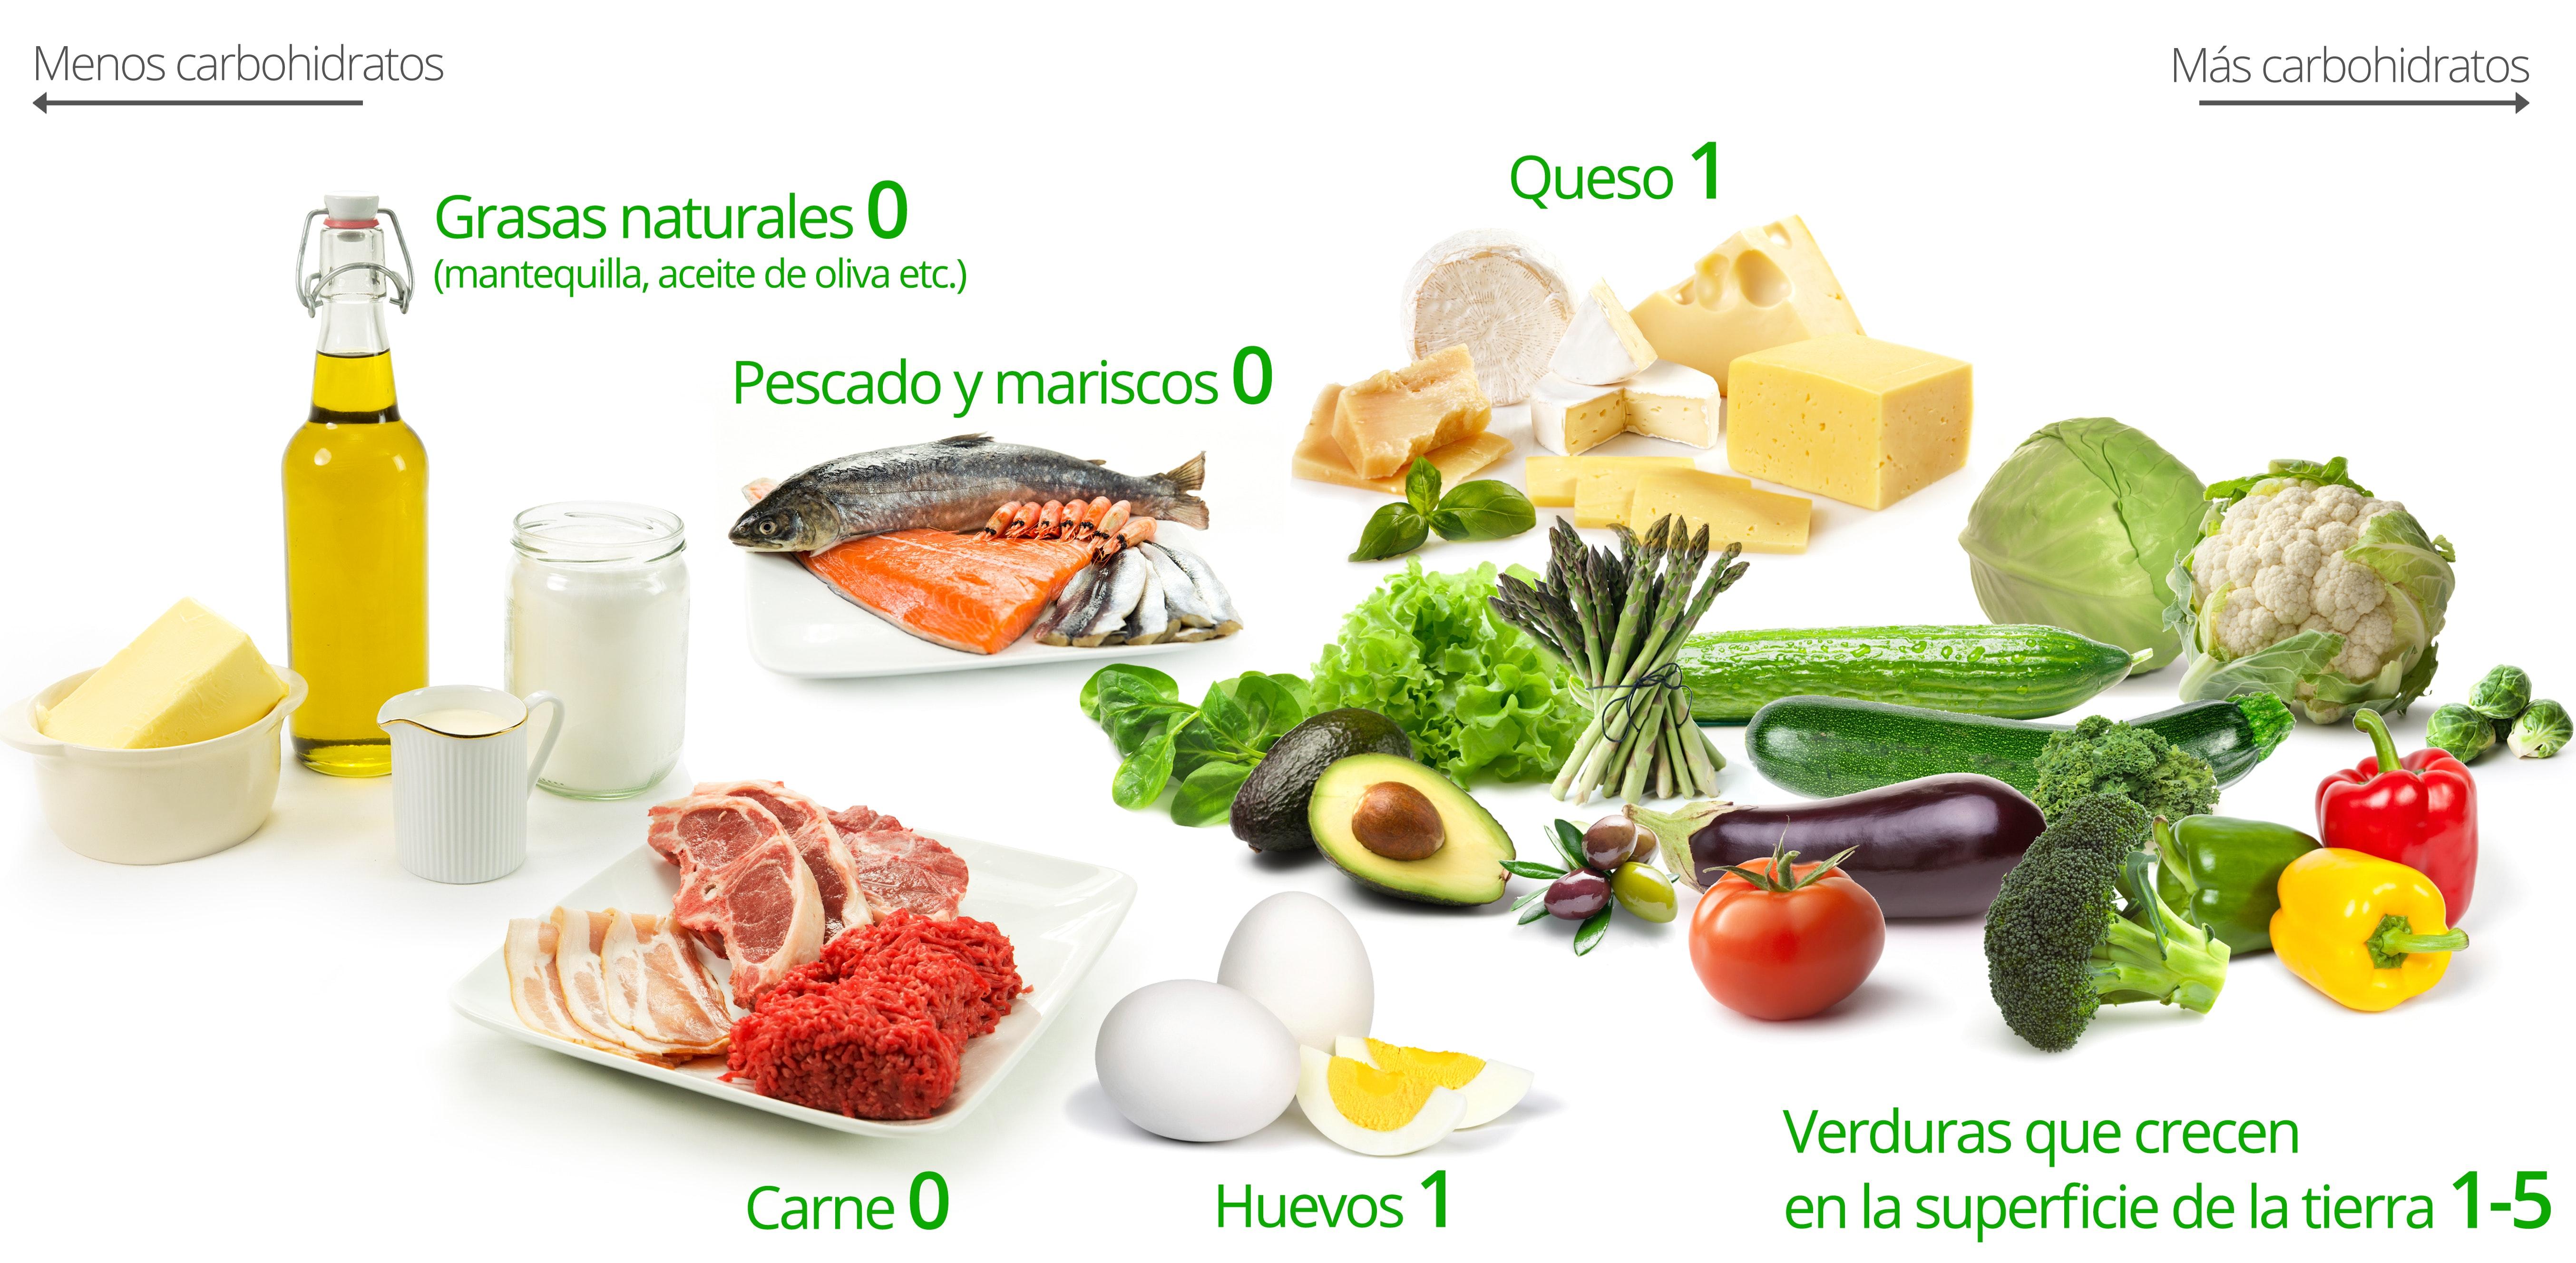 Dieta baja en azucares y carbohidratos